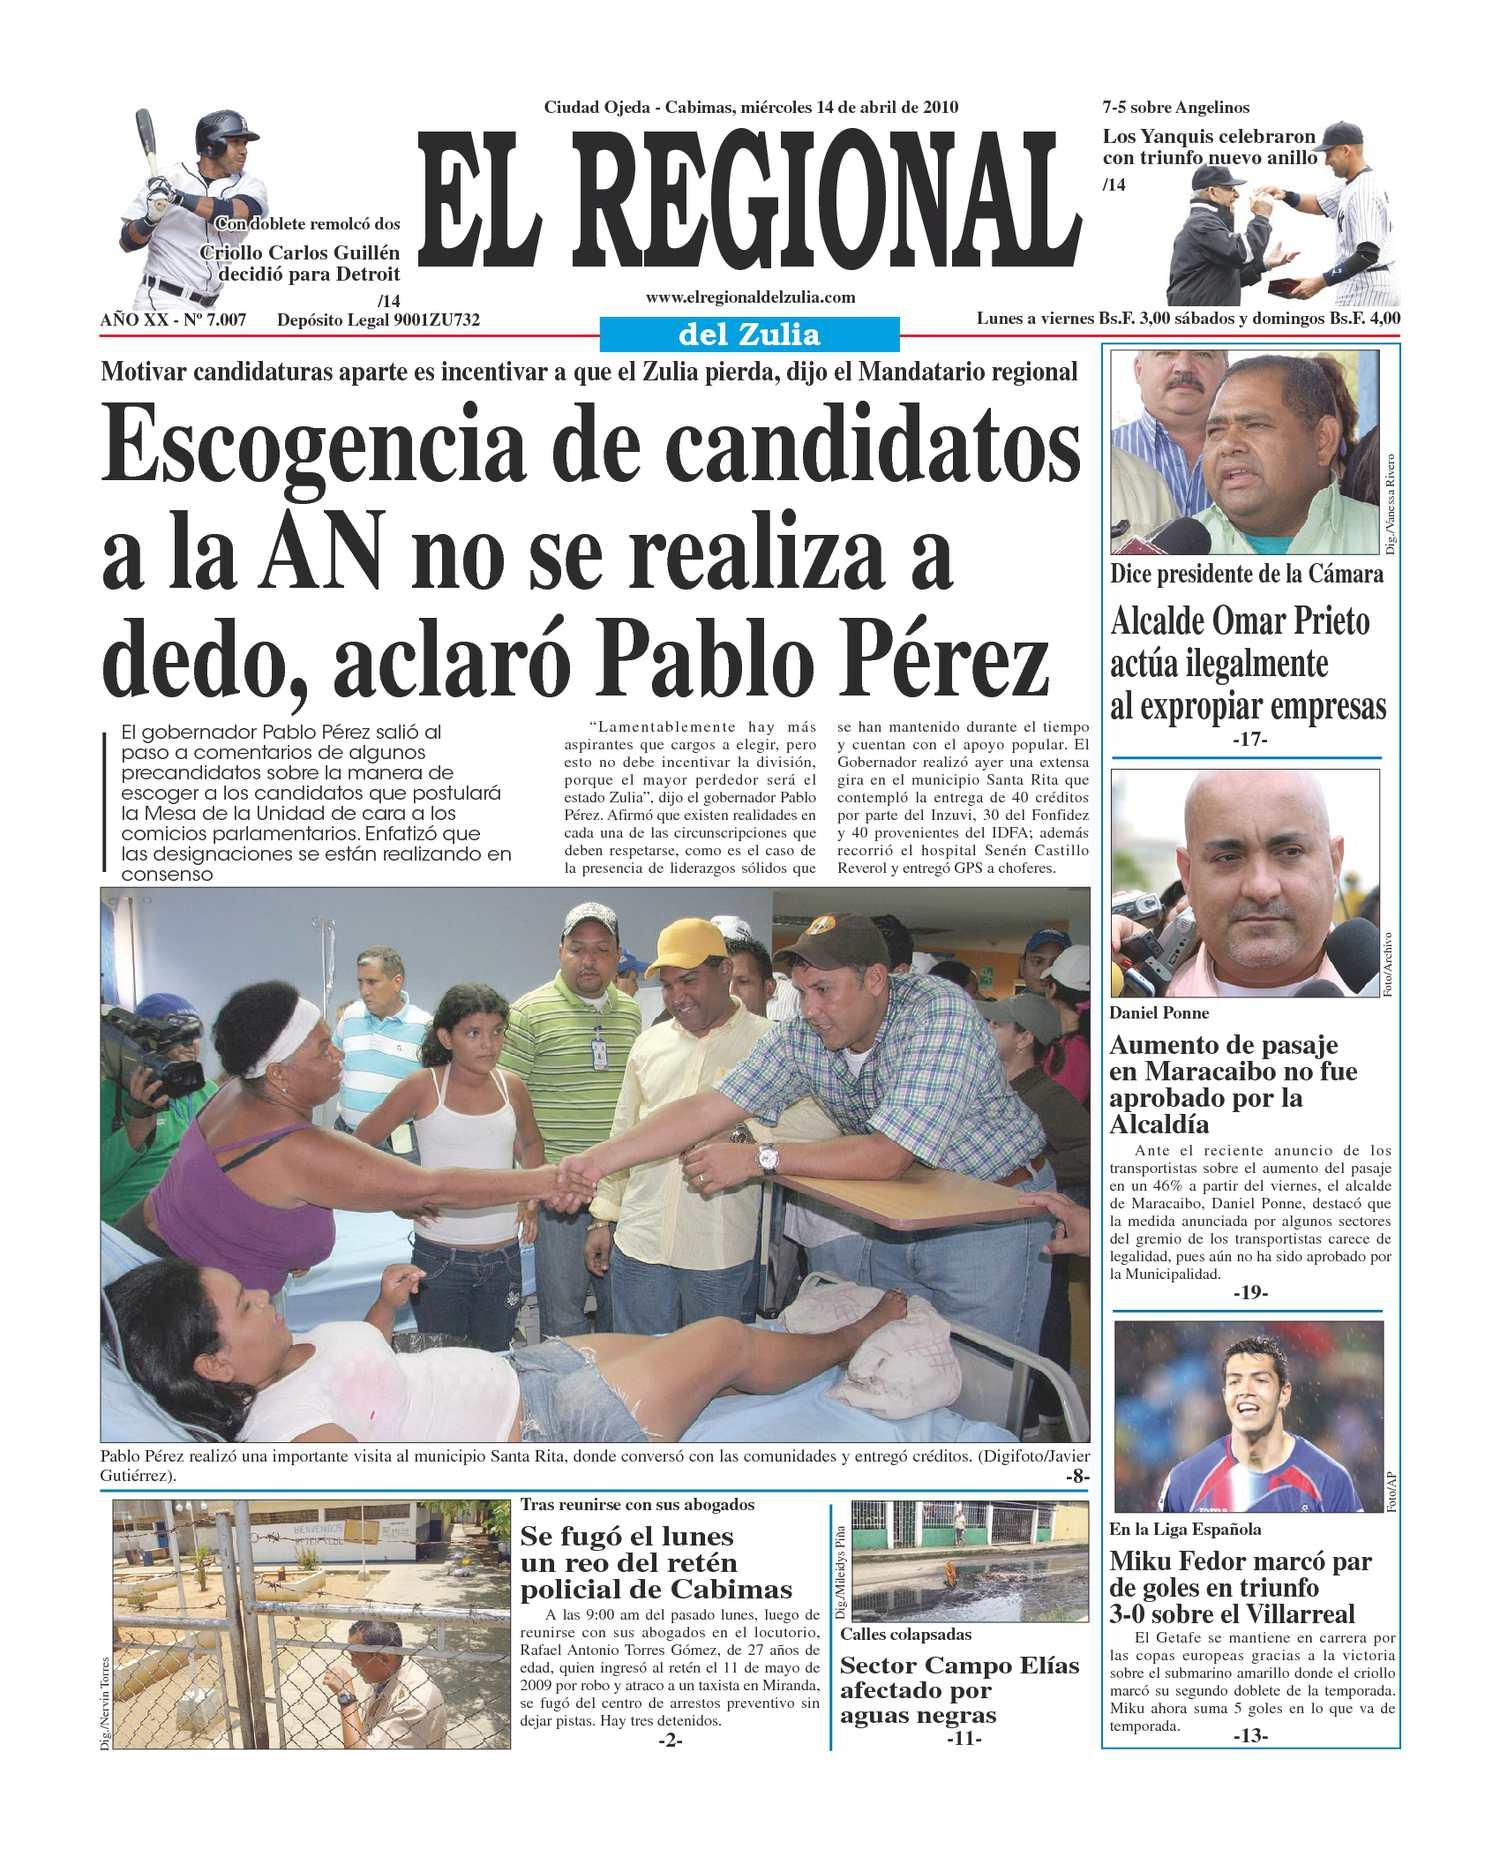 El Regional del Zulia 14-04-2010